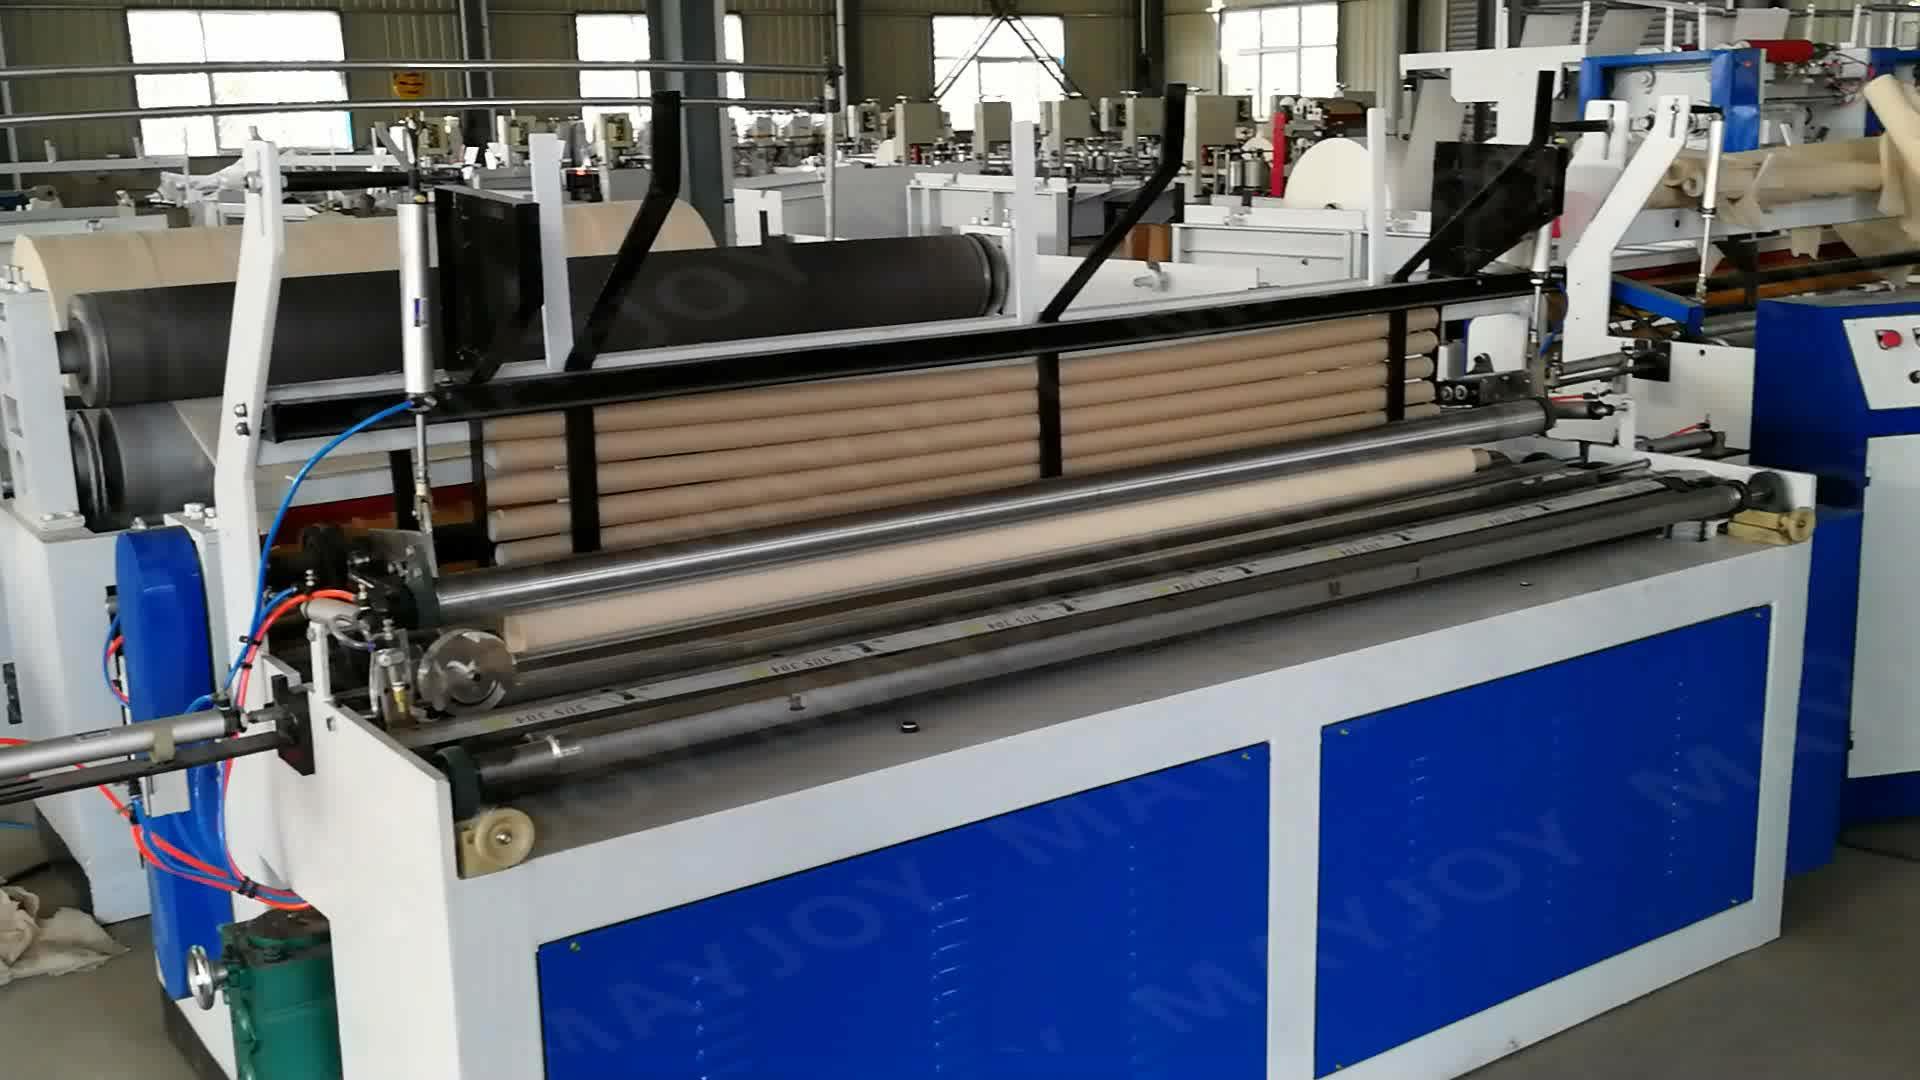 MAYJOY kağıt makinesi / küçük tuvalet kağıdı rulosu yapma makinesi üretim hattı